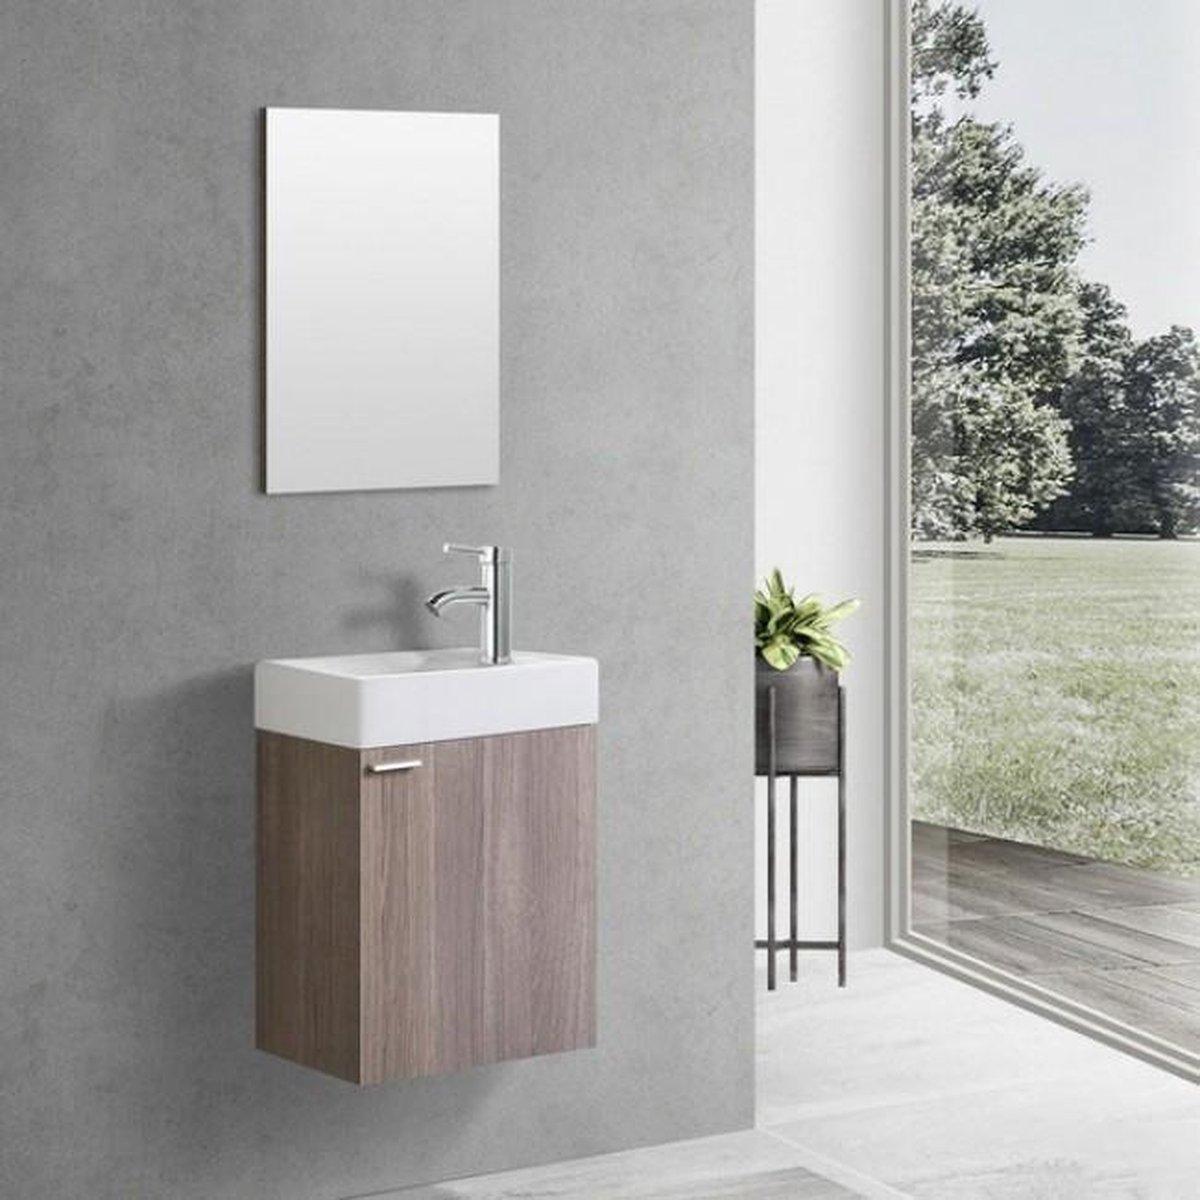 Toiletmeubel Creavit Aloni Hangend Rechtsdraaiend 40x60x22cm MDF Oak Softclose Keramiek Wasbak